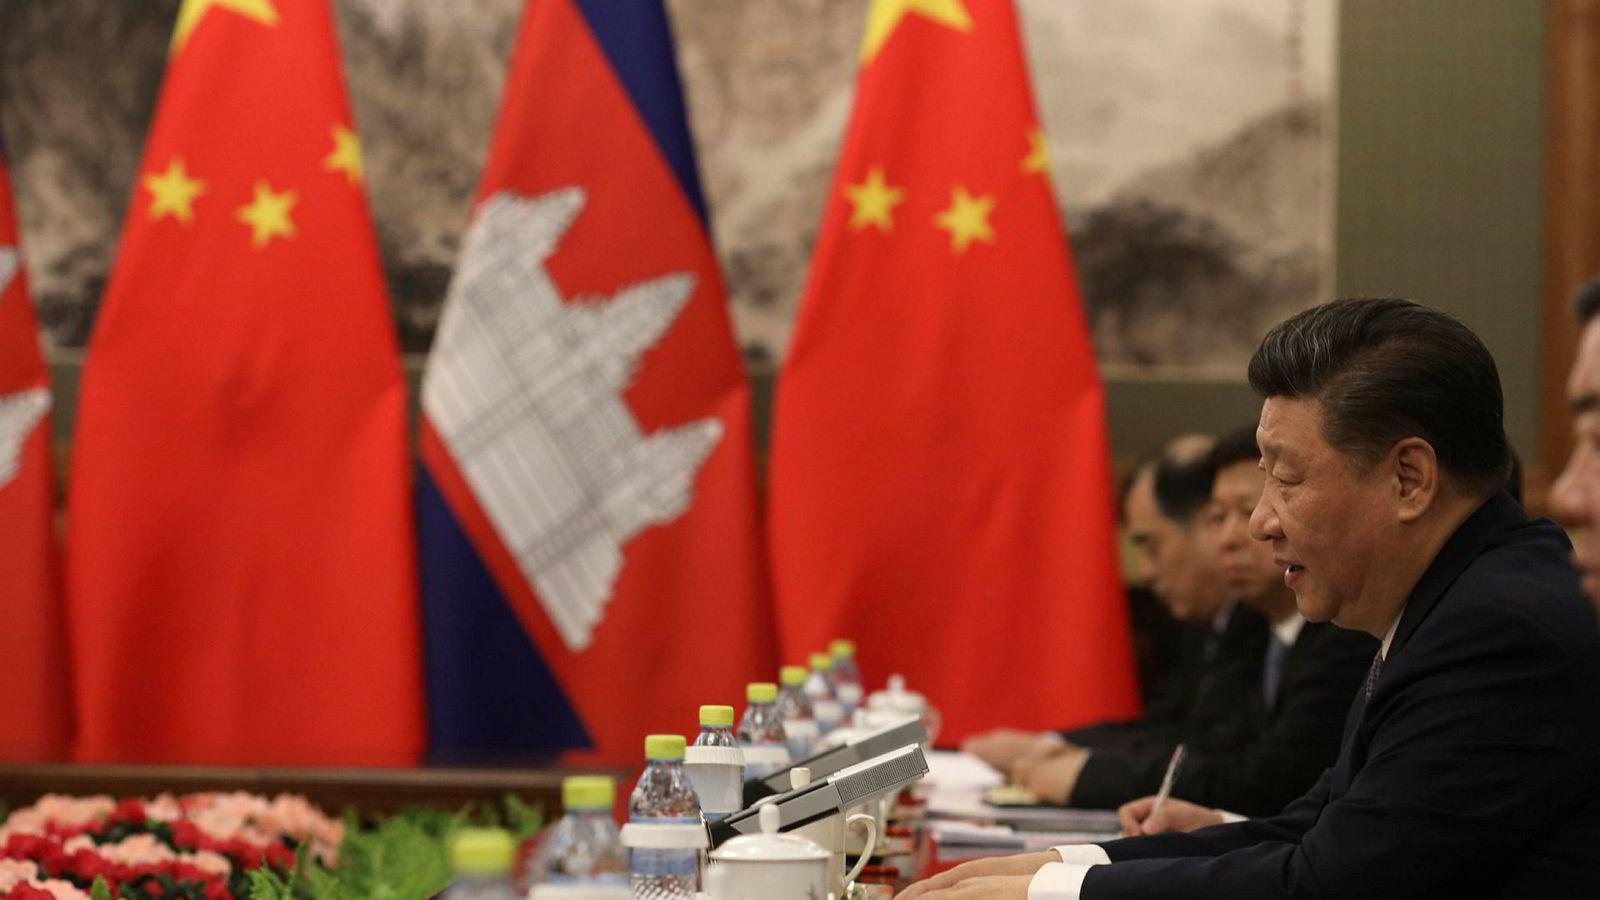 Kinas president Xi Jinping er bekymret for hvordan kommunistpartiet skal opprettholde makten og innflytelsen i det kinesiske samfunnet. En svak økonomi, hvor det kan komme uforutsette og alvorlige hendelser, skaper uro.